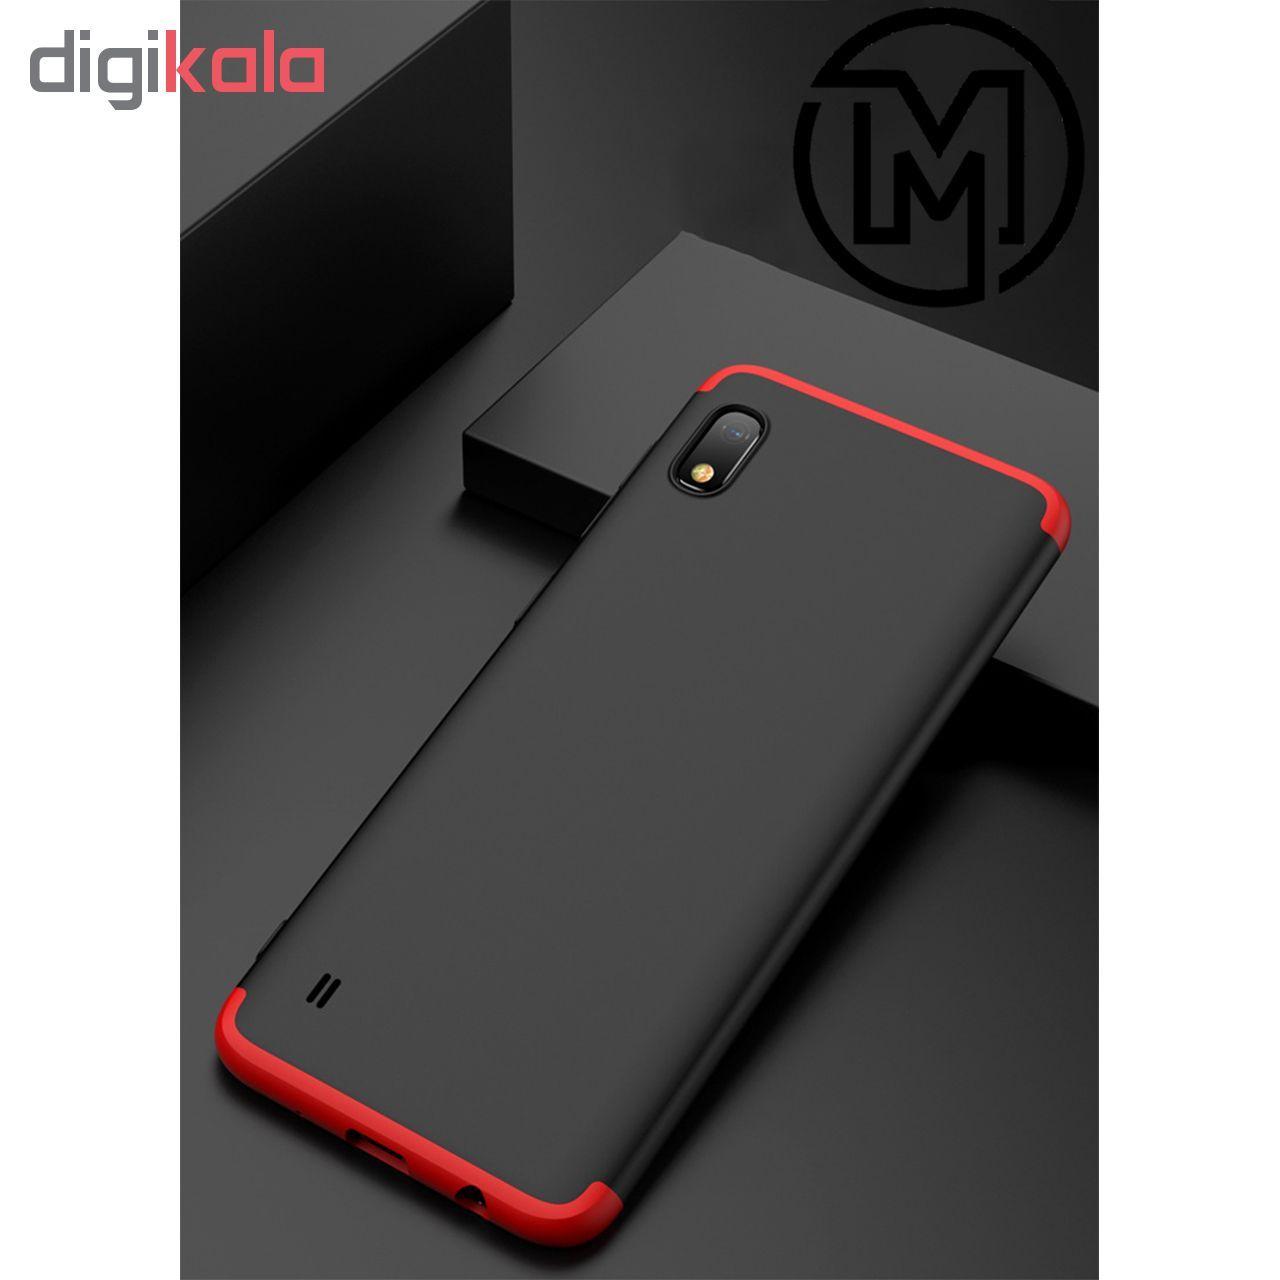 کاور 360 درجه مسیر مدل MGKNEW-1 مناسب برای گوشی موبایل سامسونگ Galaxy A10 main 1 3